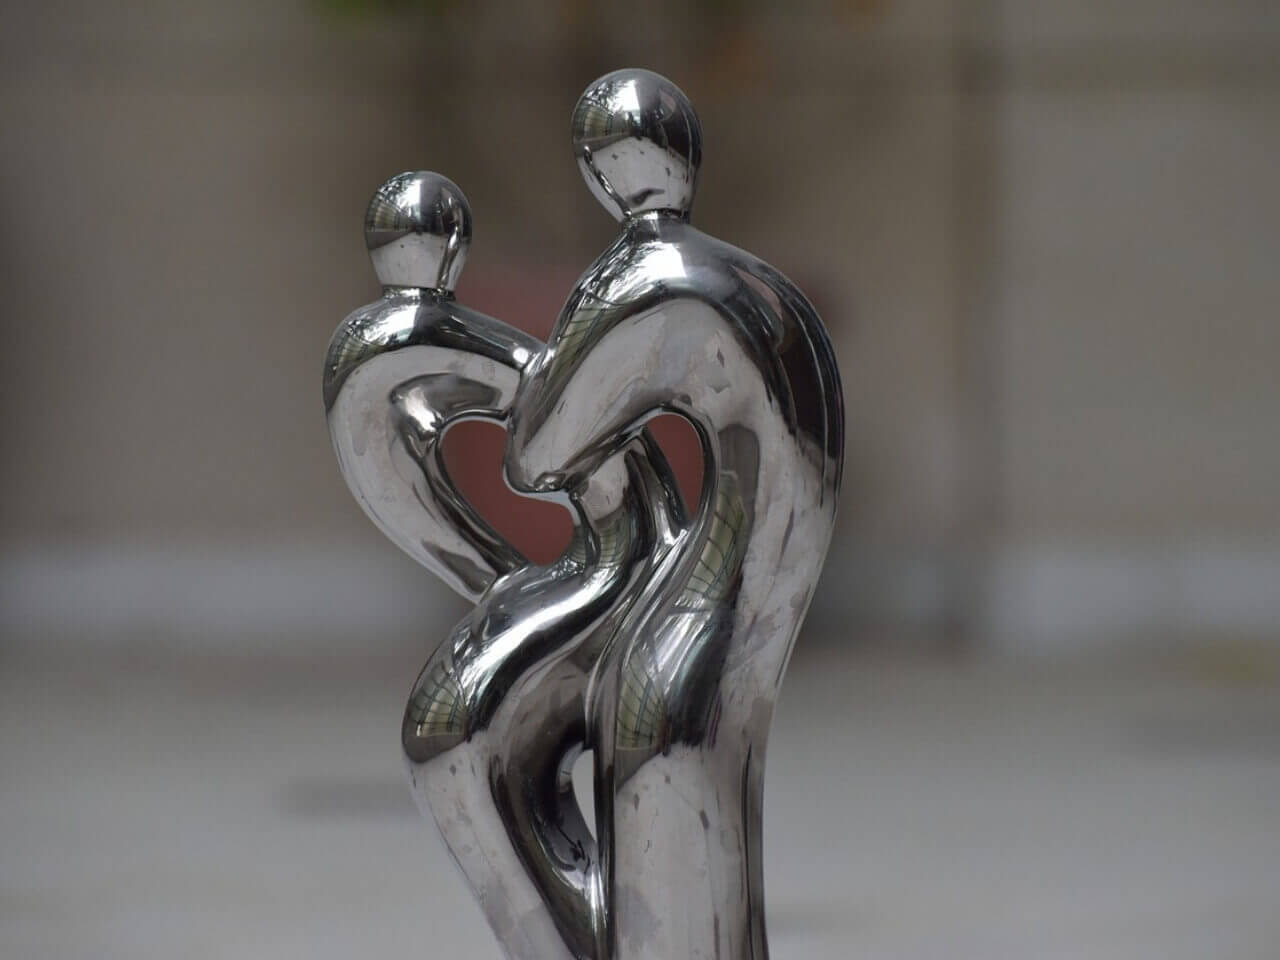 もつれ合う人の像